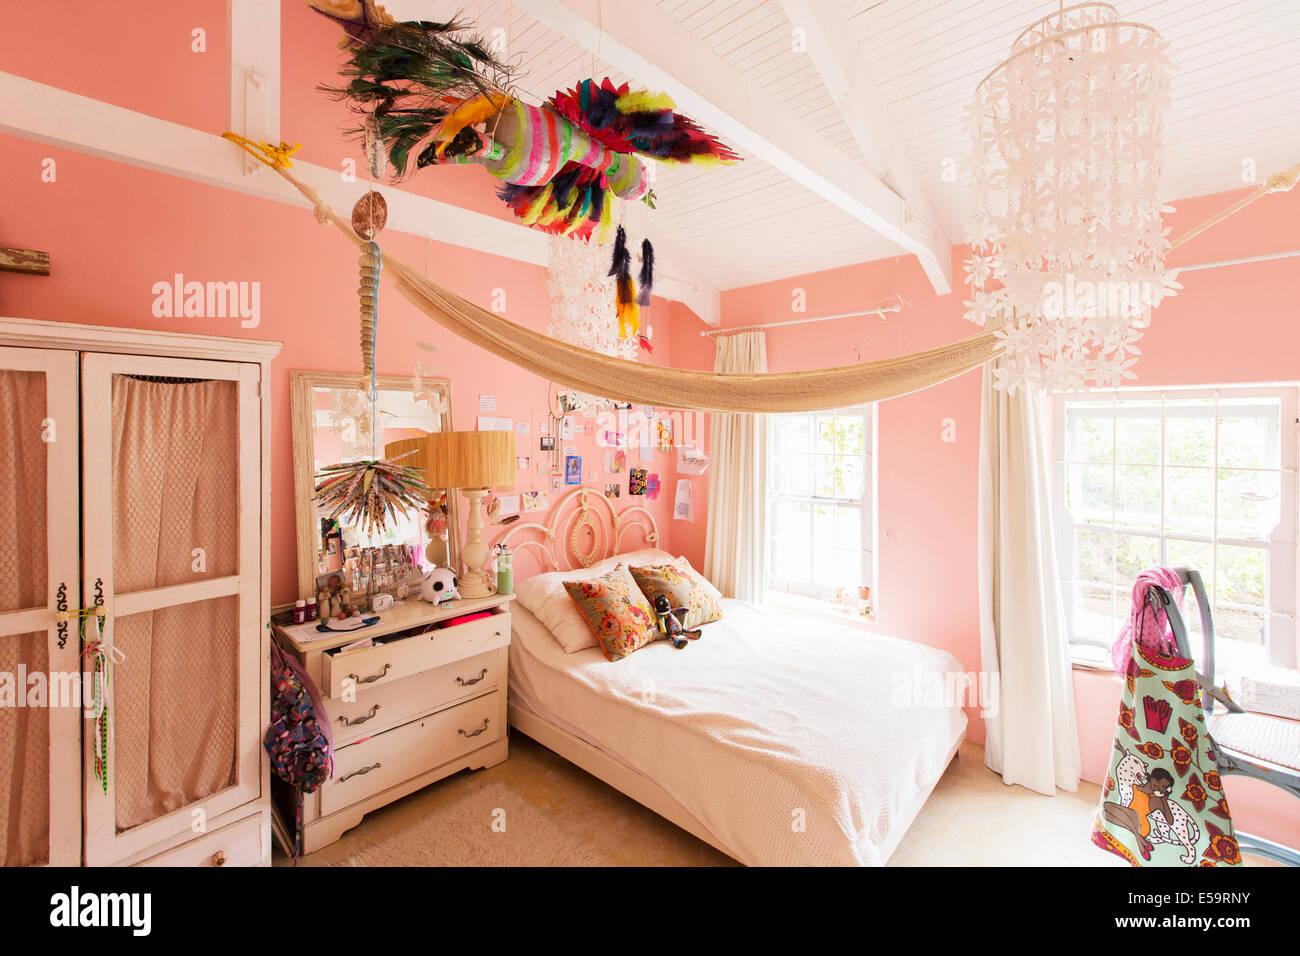 Decoraciones manuales para dormitorios decoraciones en - Decoraciones de dormitorios ...